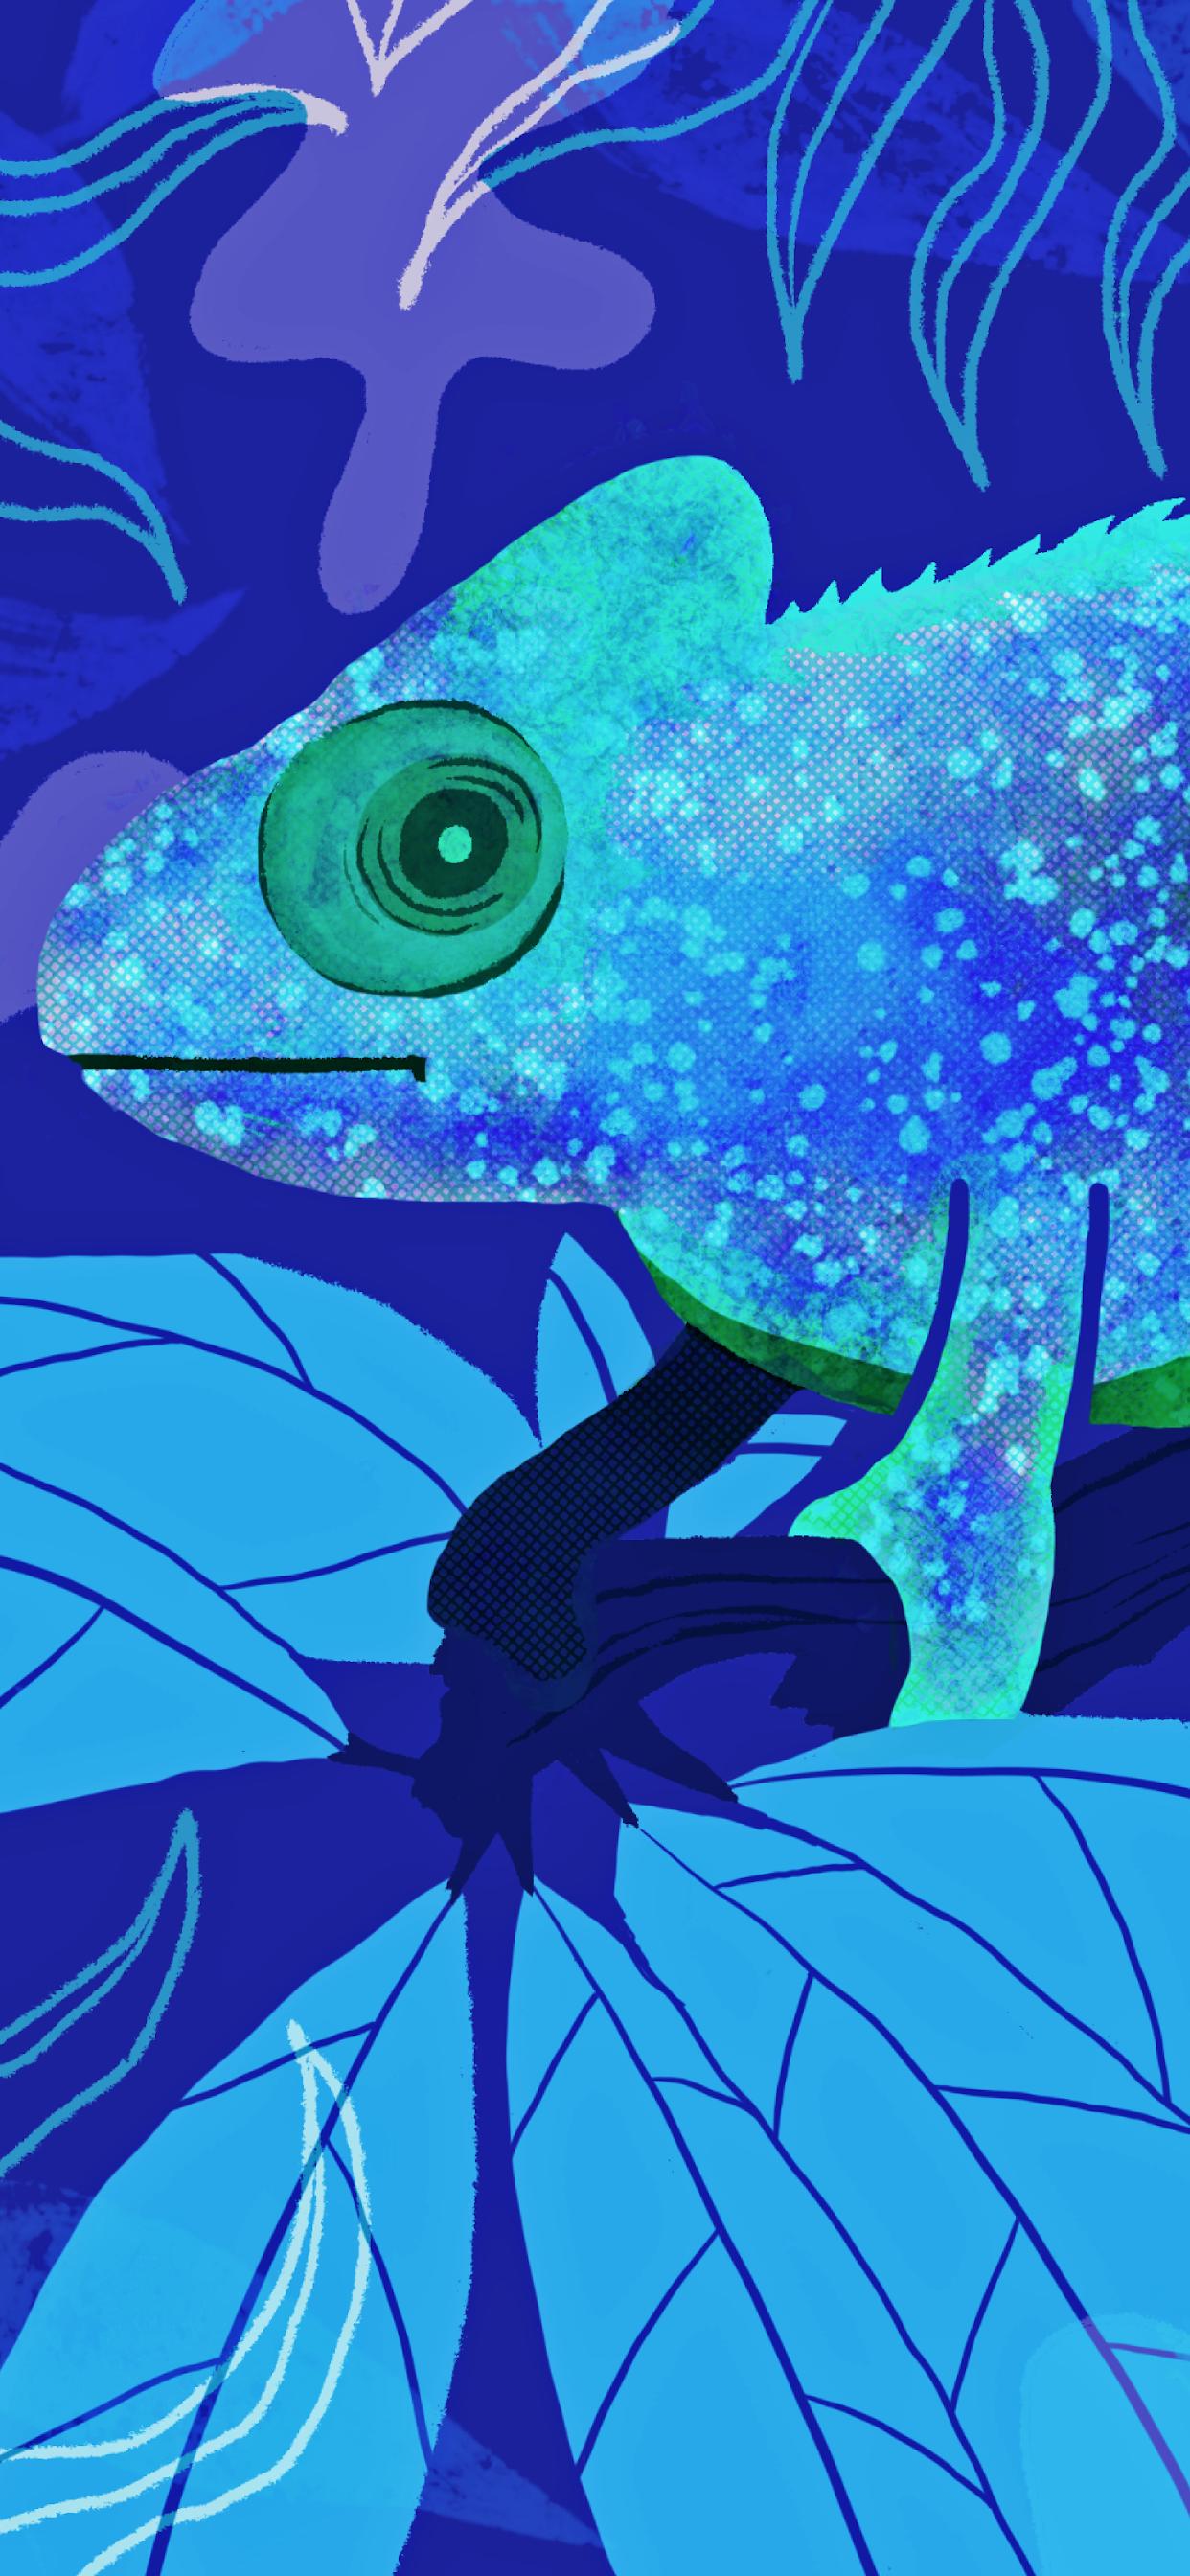 iPhone wallpapers illustration animals chameleon Fonds d'écran iPhone du 18/02/2020